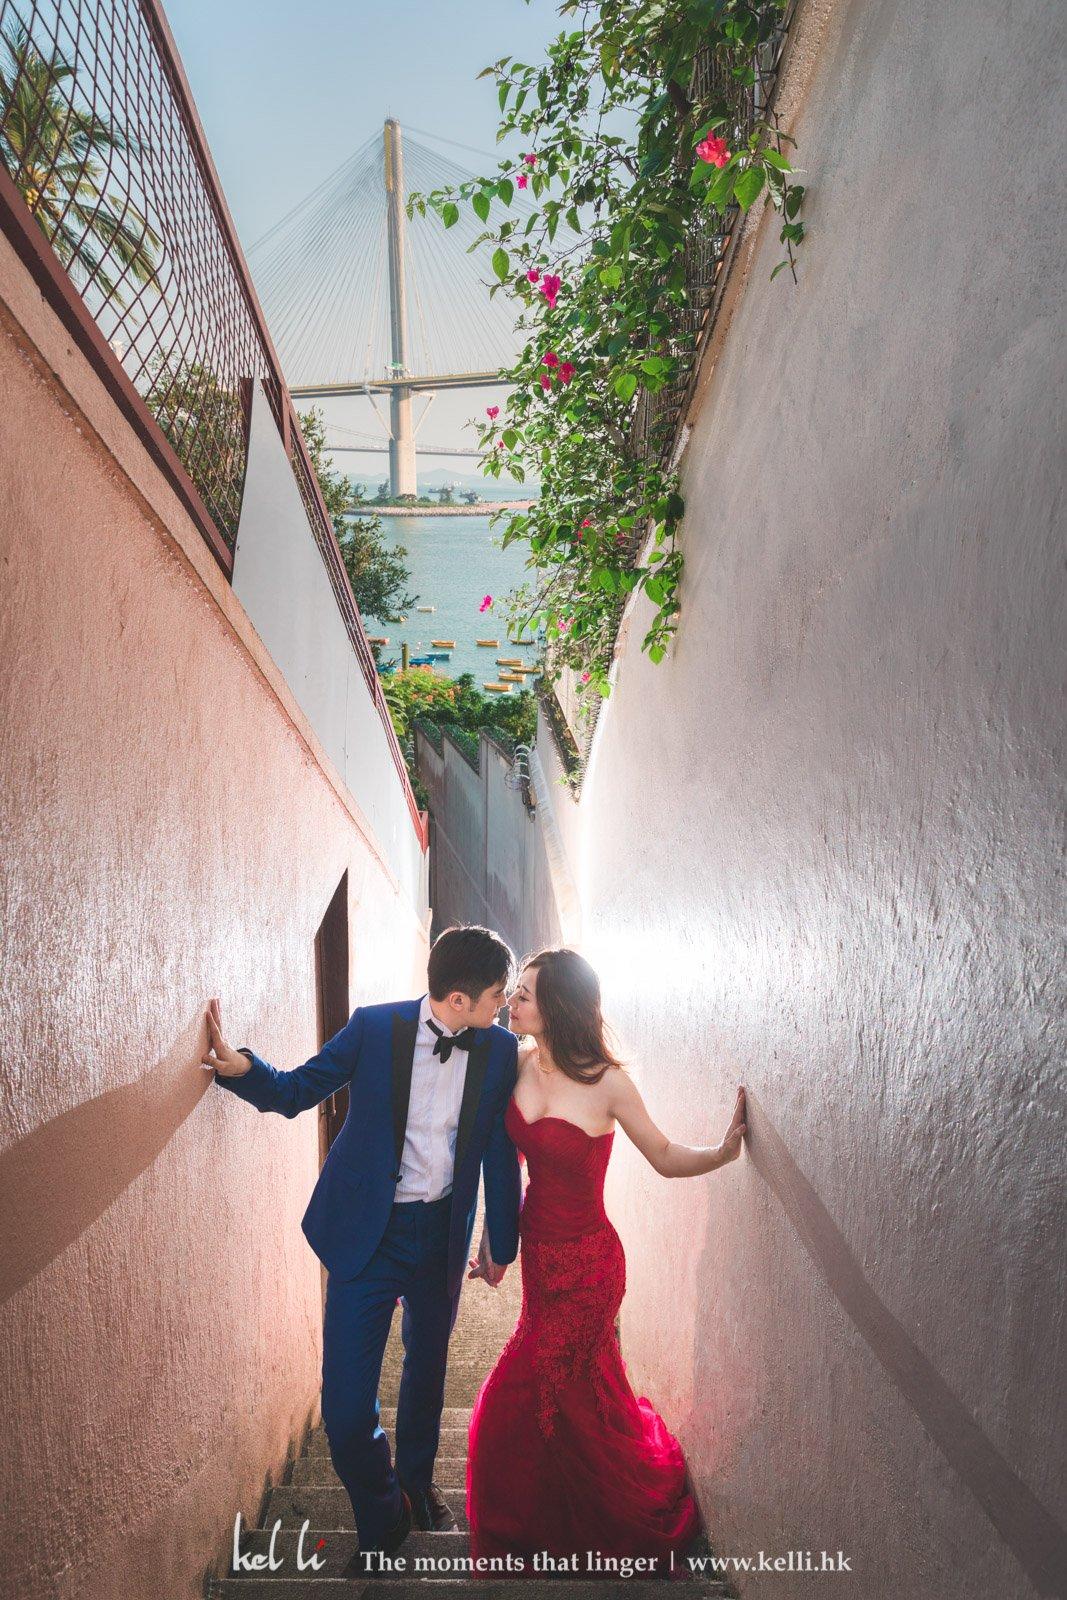 婚紗攝影師的價值是能看到新人不同的美